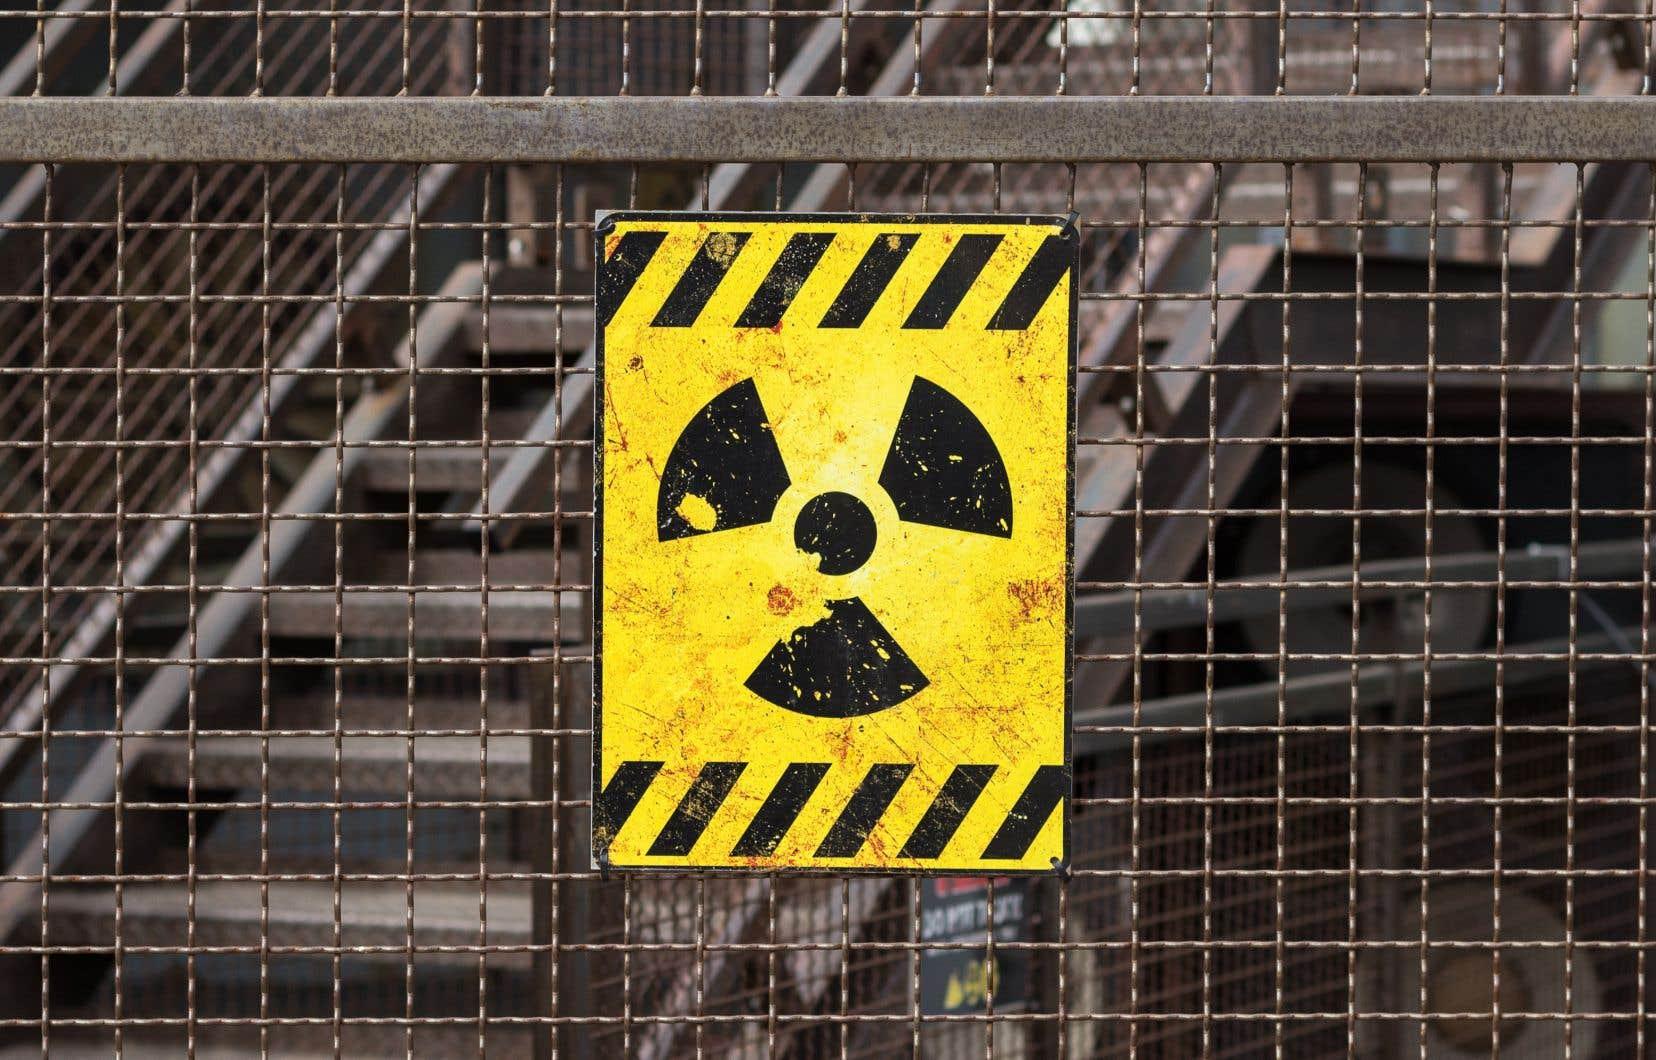 Le projet de dépotoir prévoit la construction d'un important complexe afin d'enfouir plus d'un million de mètres cubes de déchets nucléaires sur le site de Chalk River.